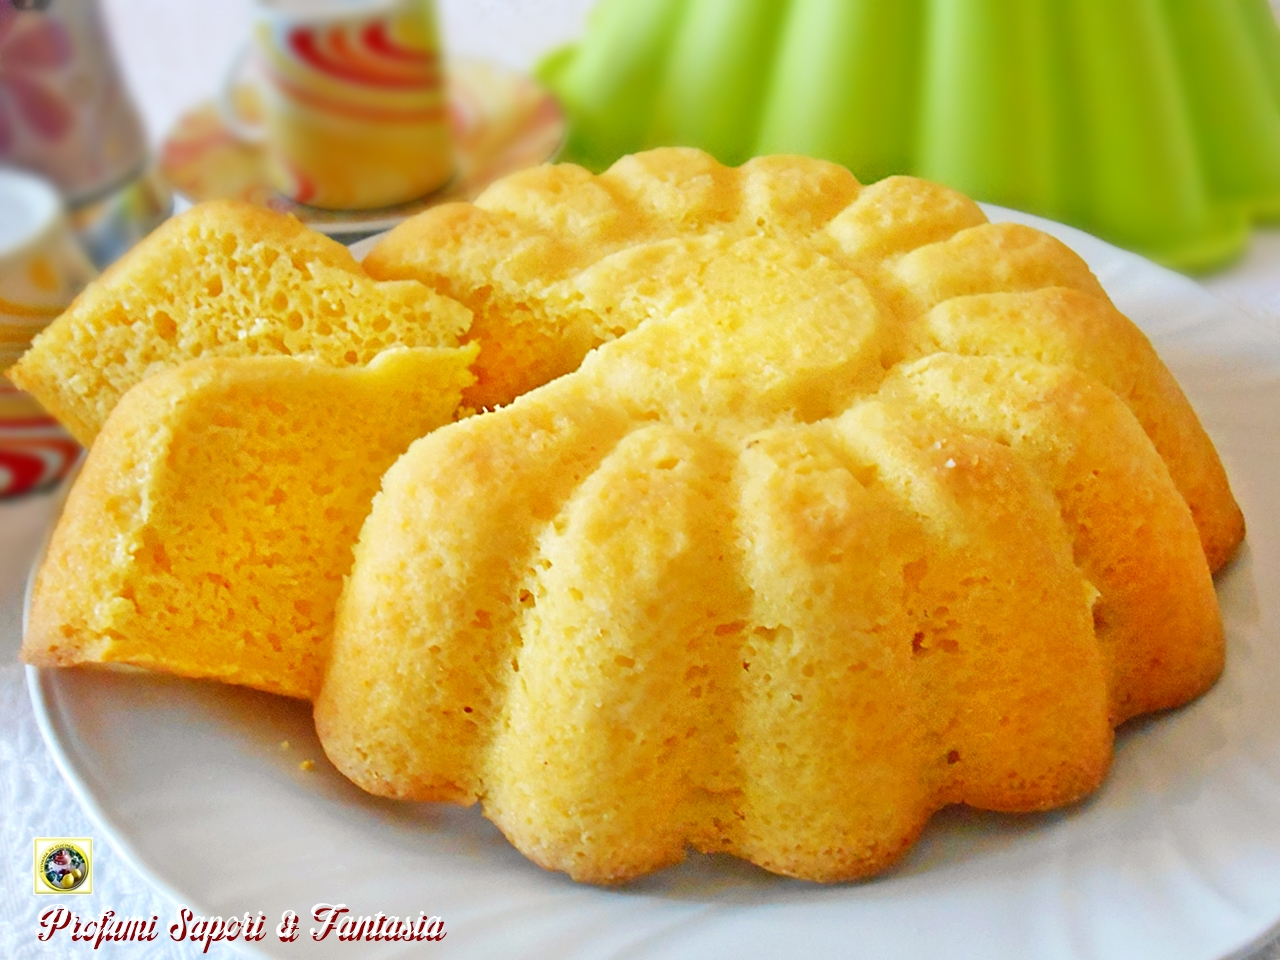 Super Torta light senza zucchero e senza grassi semplice e golosa LY19